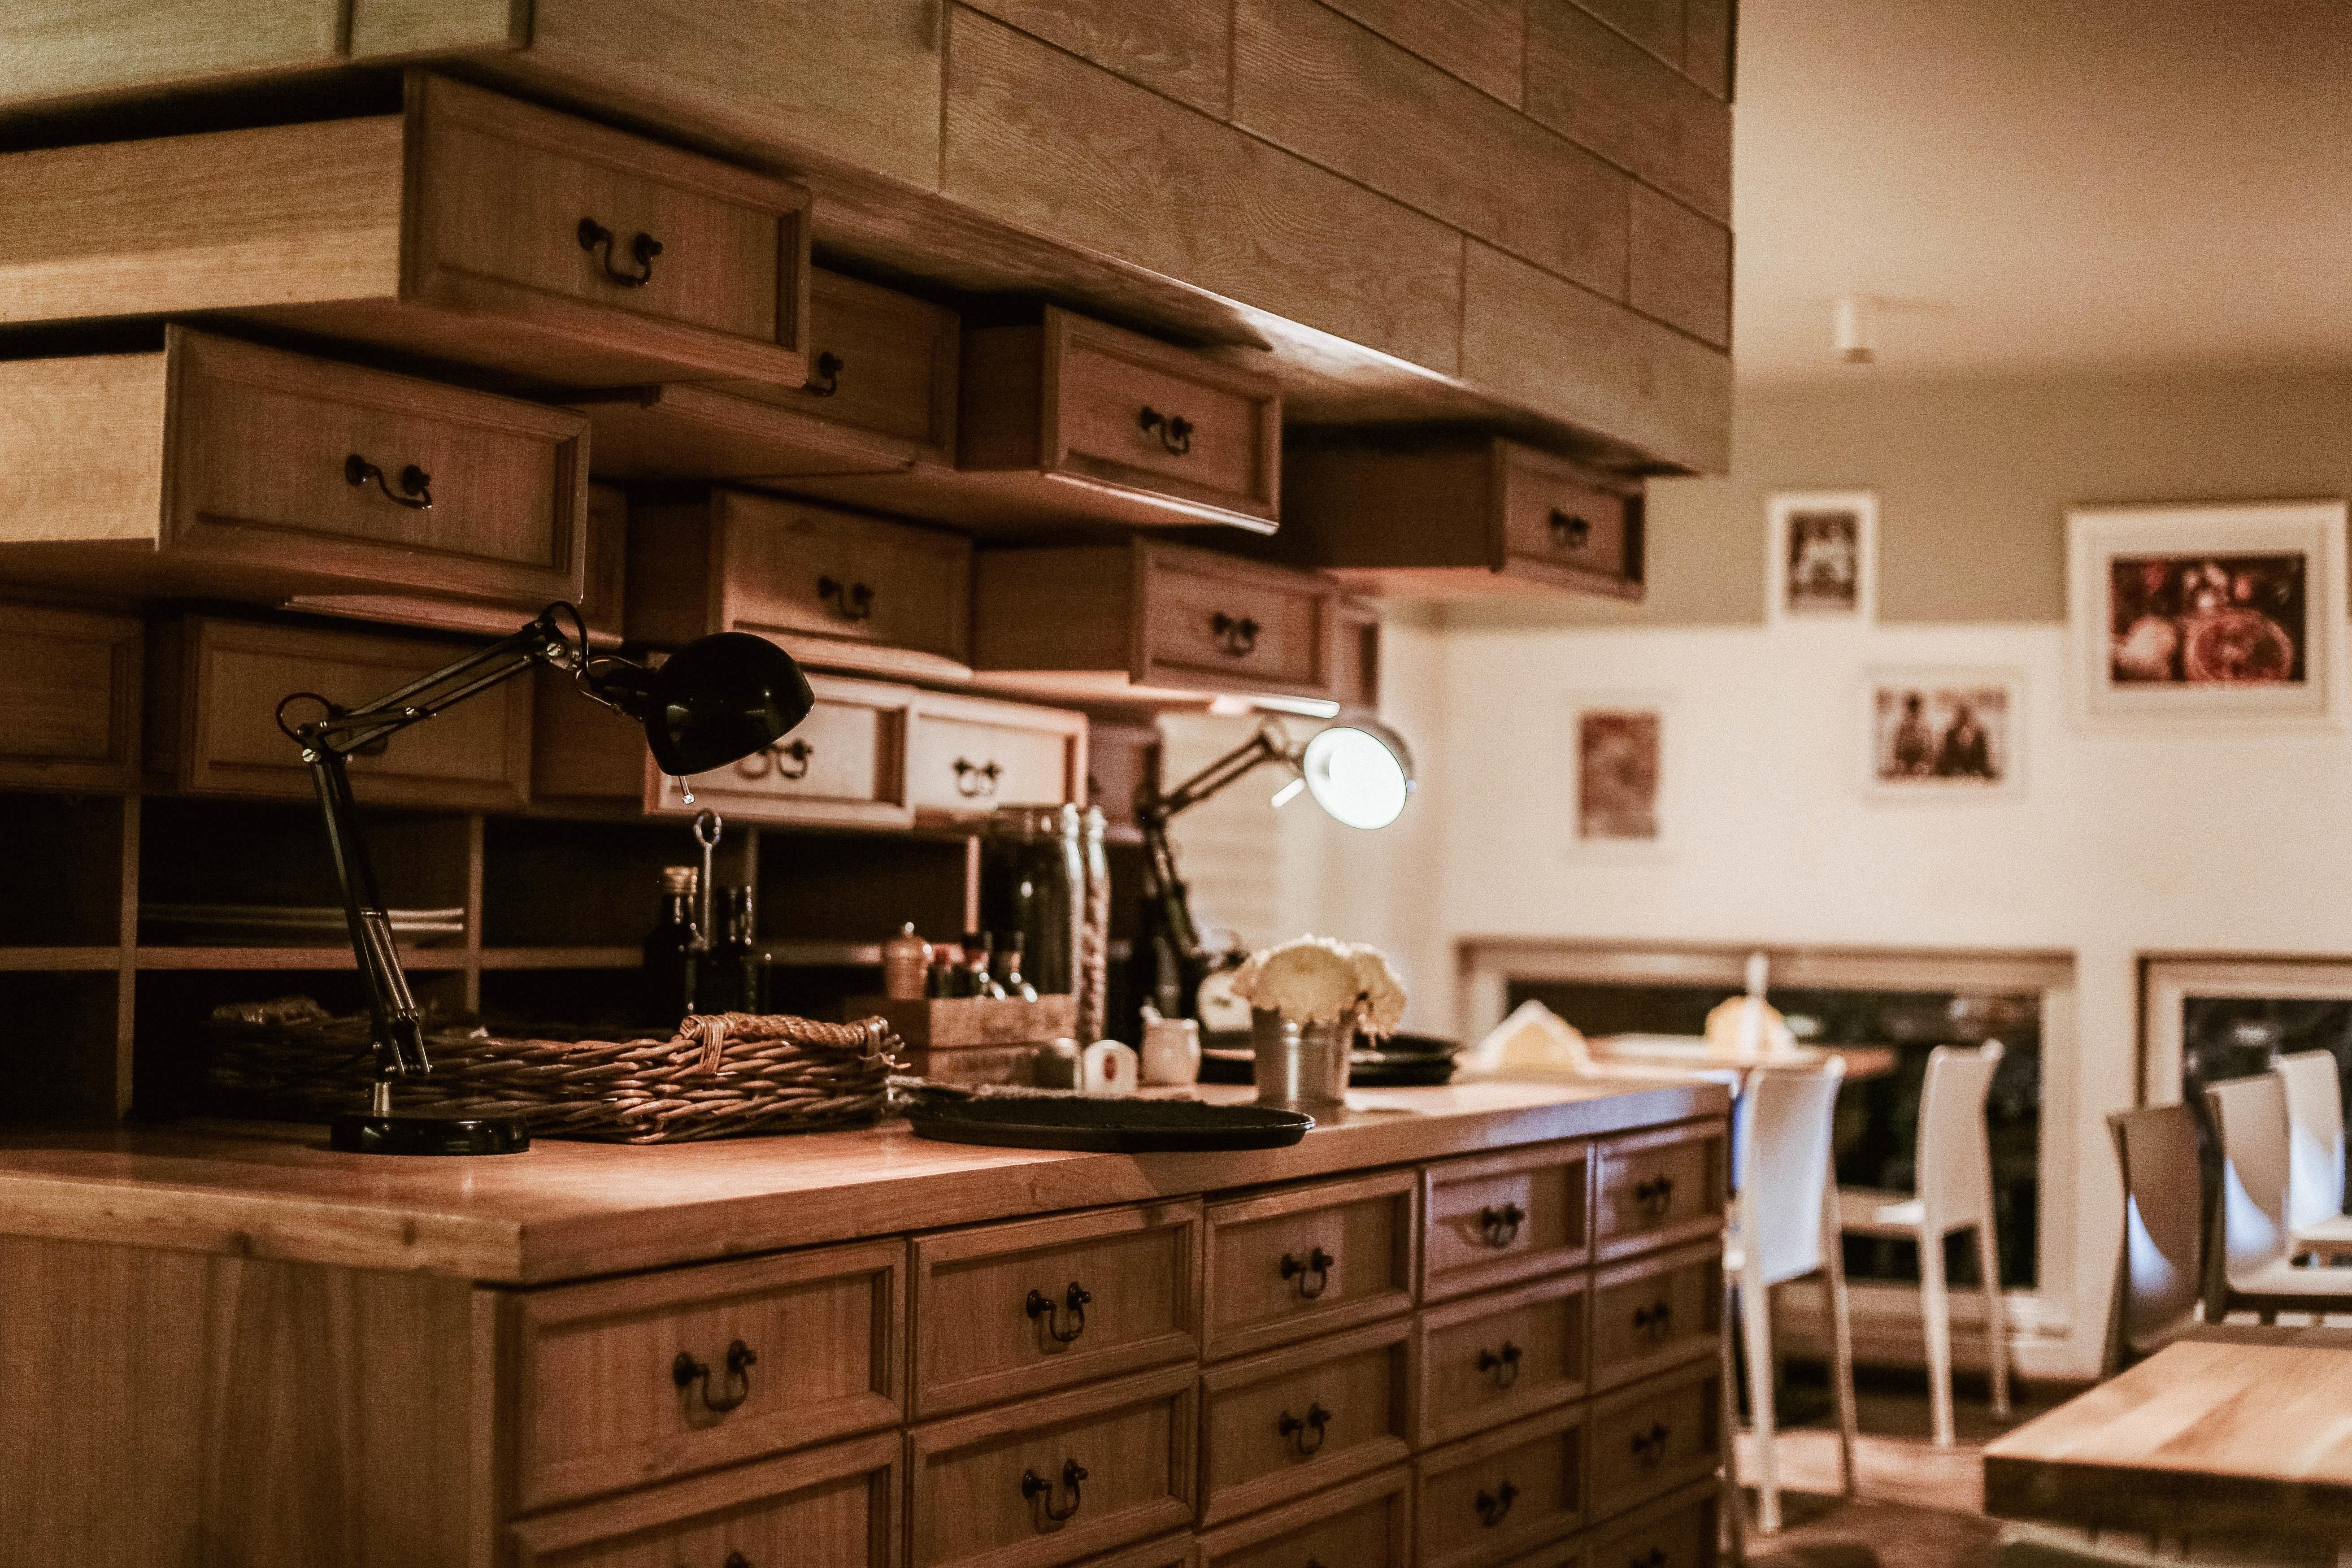 Fotos gratis : ligero, madera, cabaña, interior, cocina, propiedad ...